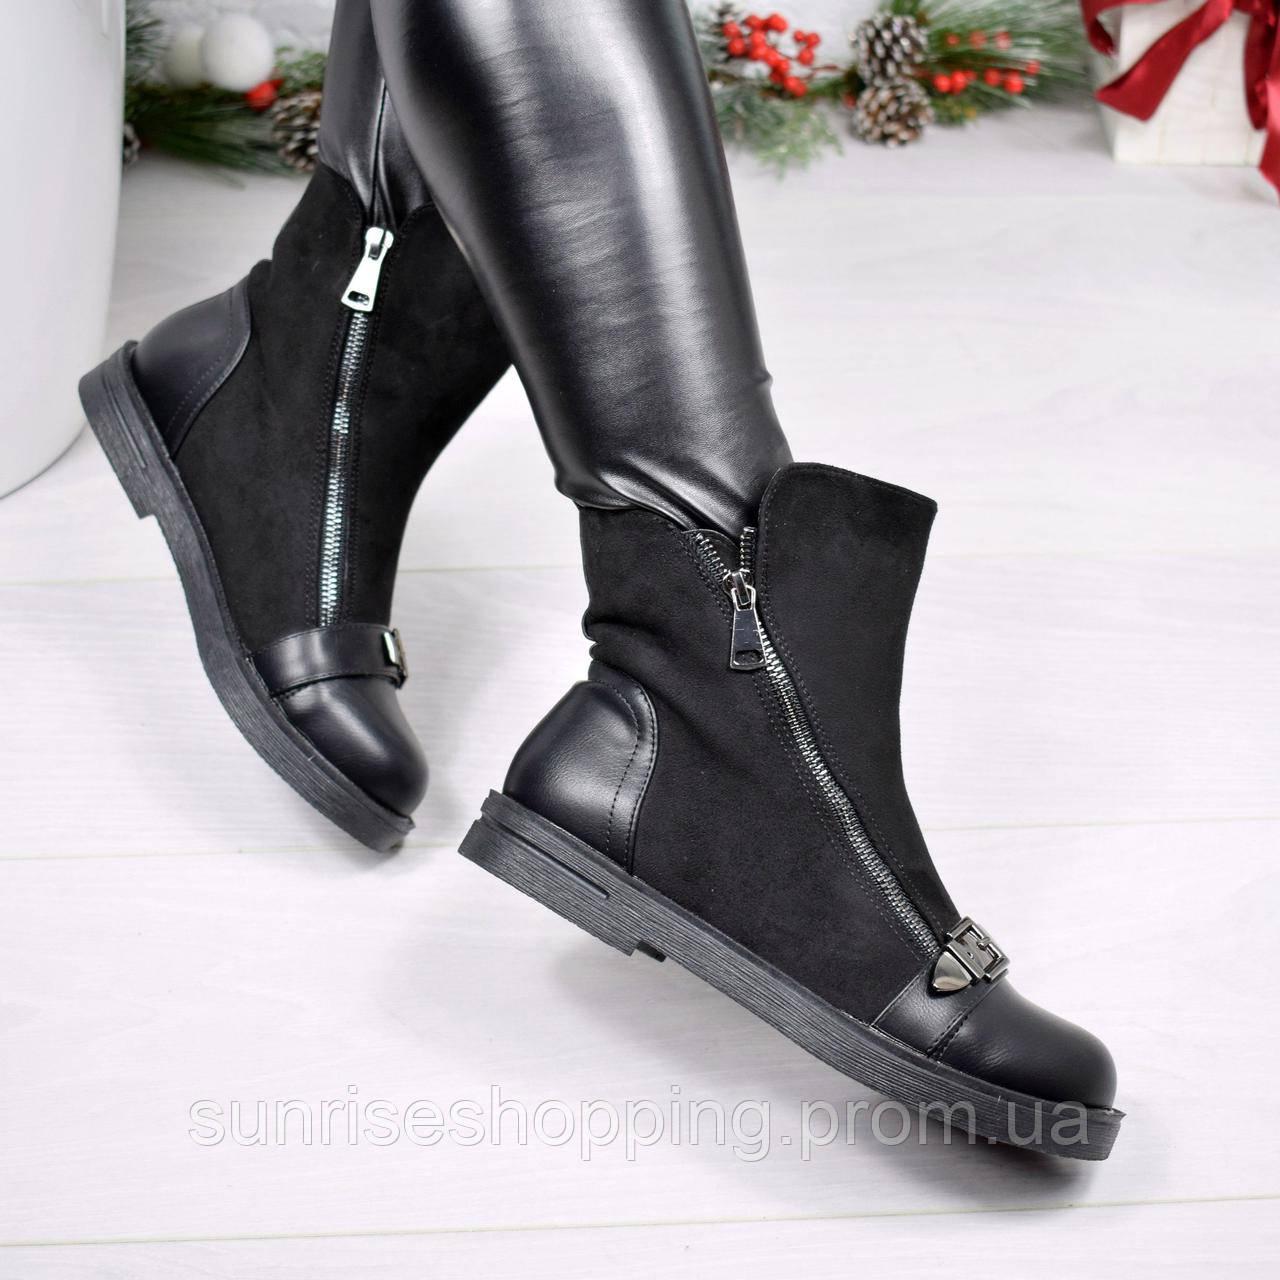 Стильные демисезонные ботинки Rock черного цвета с декоративным ремешком на  носочке 3df4bb46868